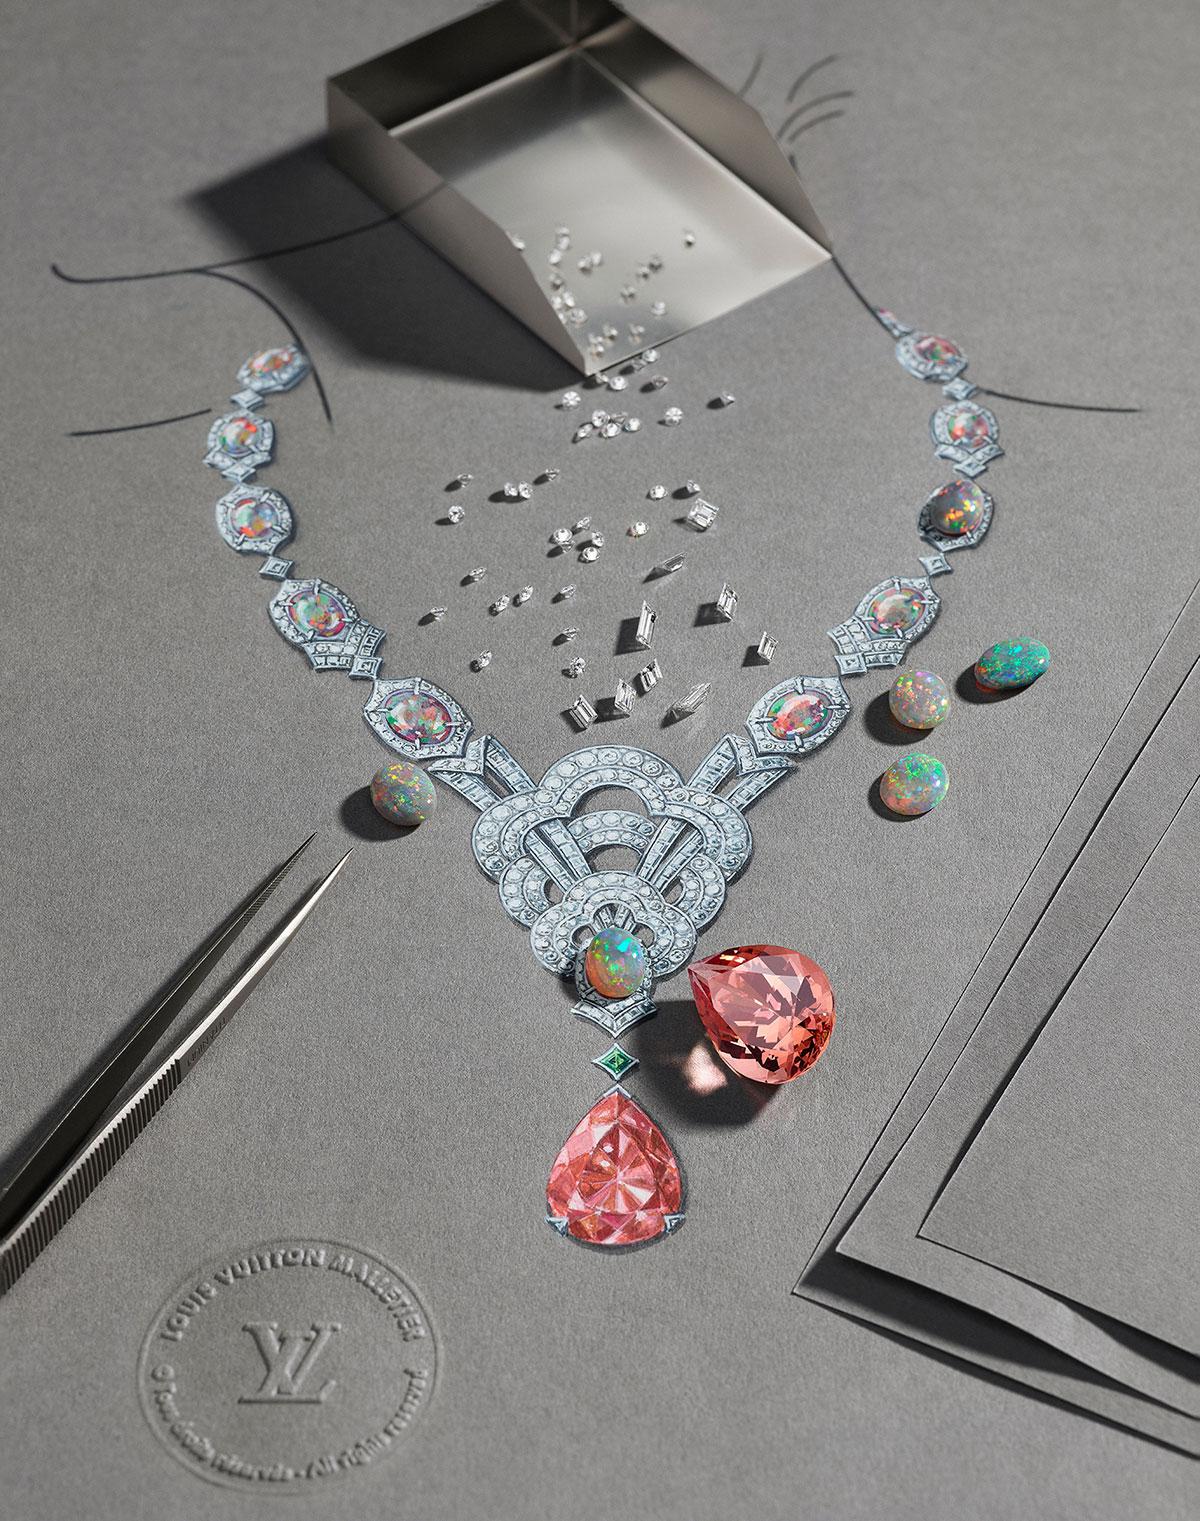 Vòng cổ Louis Vuitton Haute Joaillerie, bộ sưu tập Conquêtes năm 2017. Tâm điểm là viên topaz nặng 37.07 carat và 17 viên đá opal.